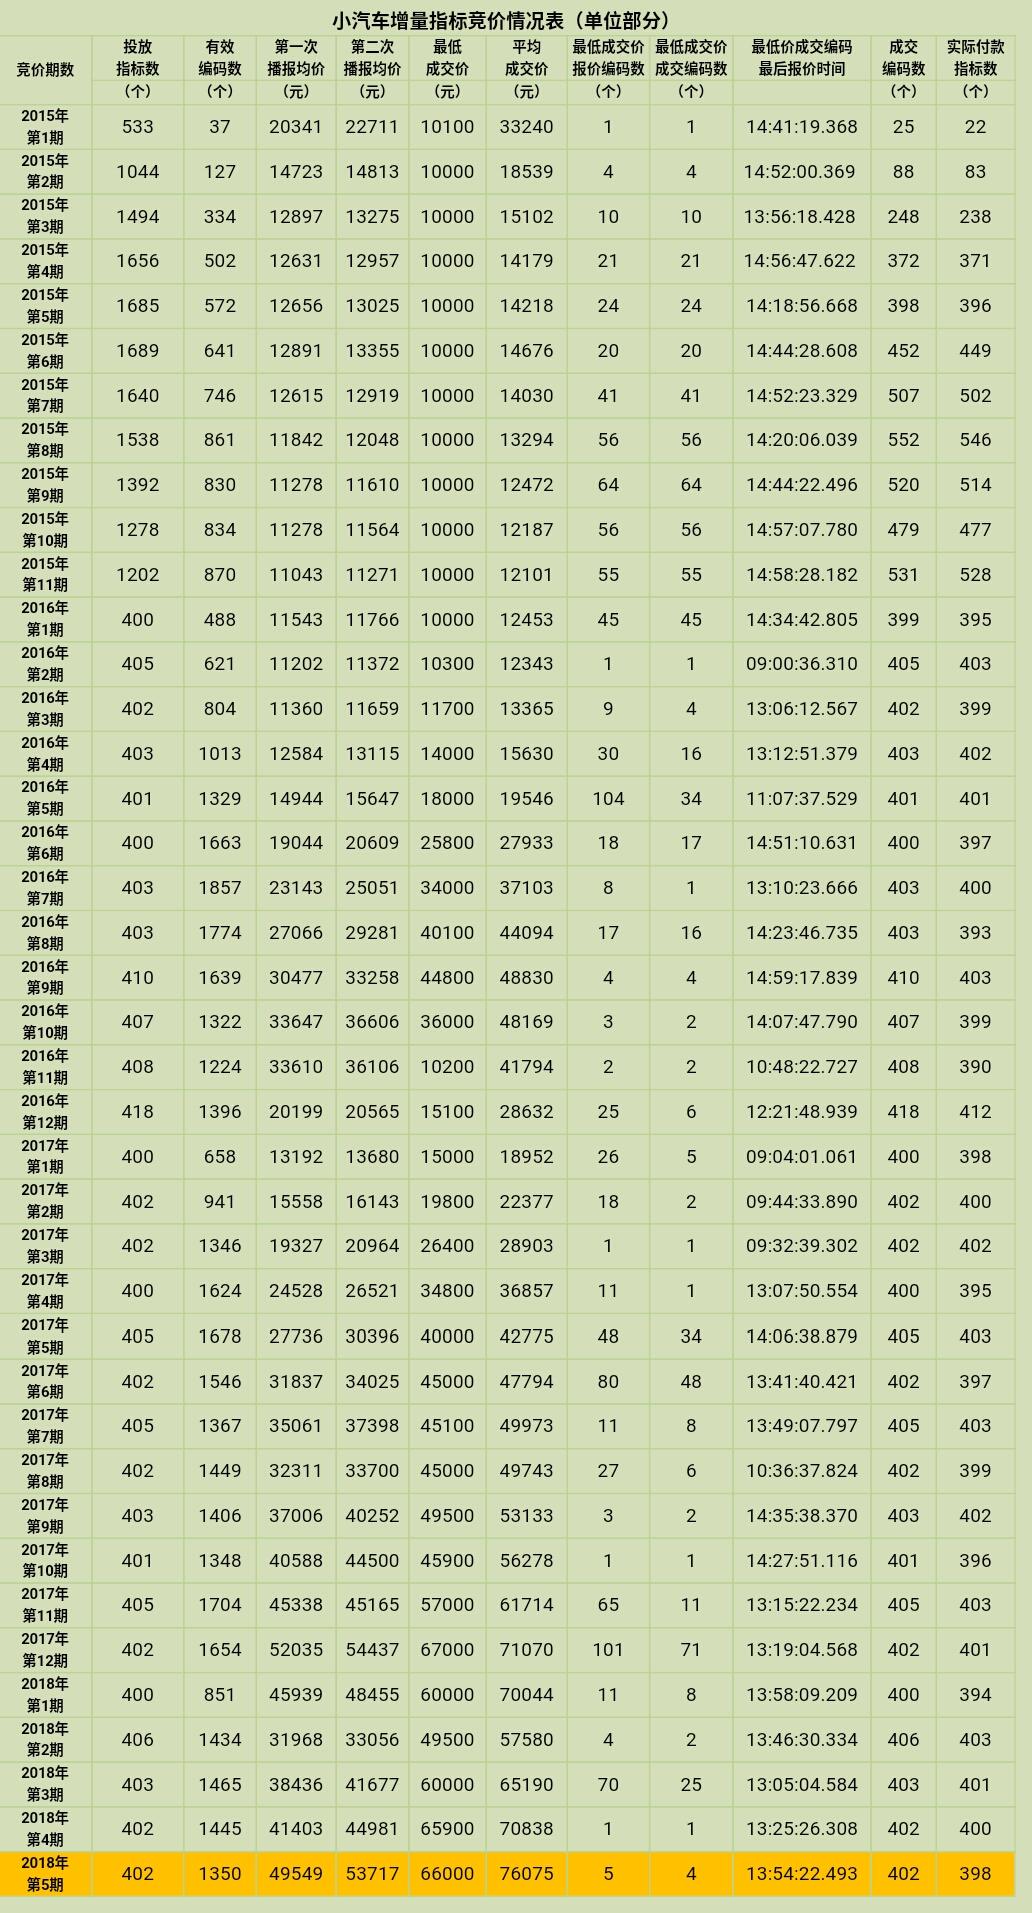 2015-2018深圳小汽车车牌竞价情况表(每期更新)